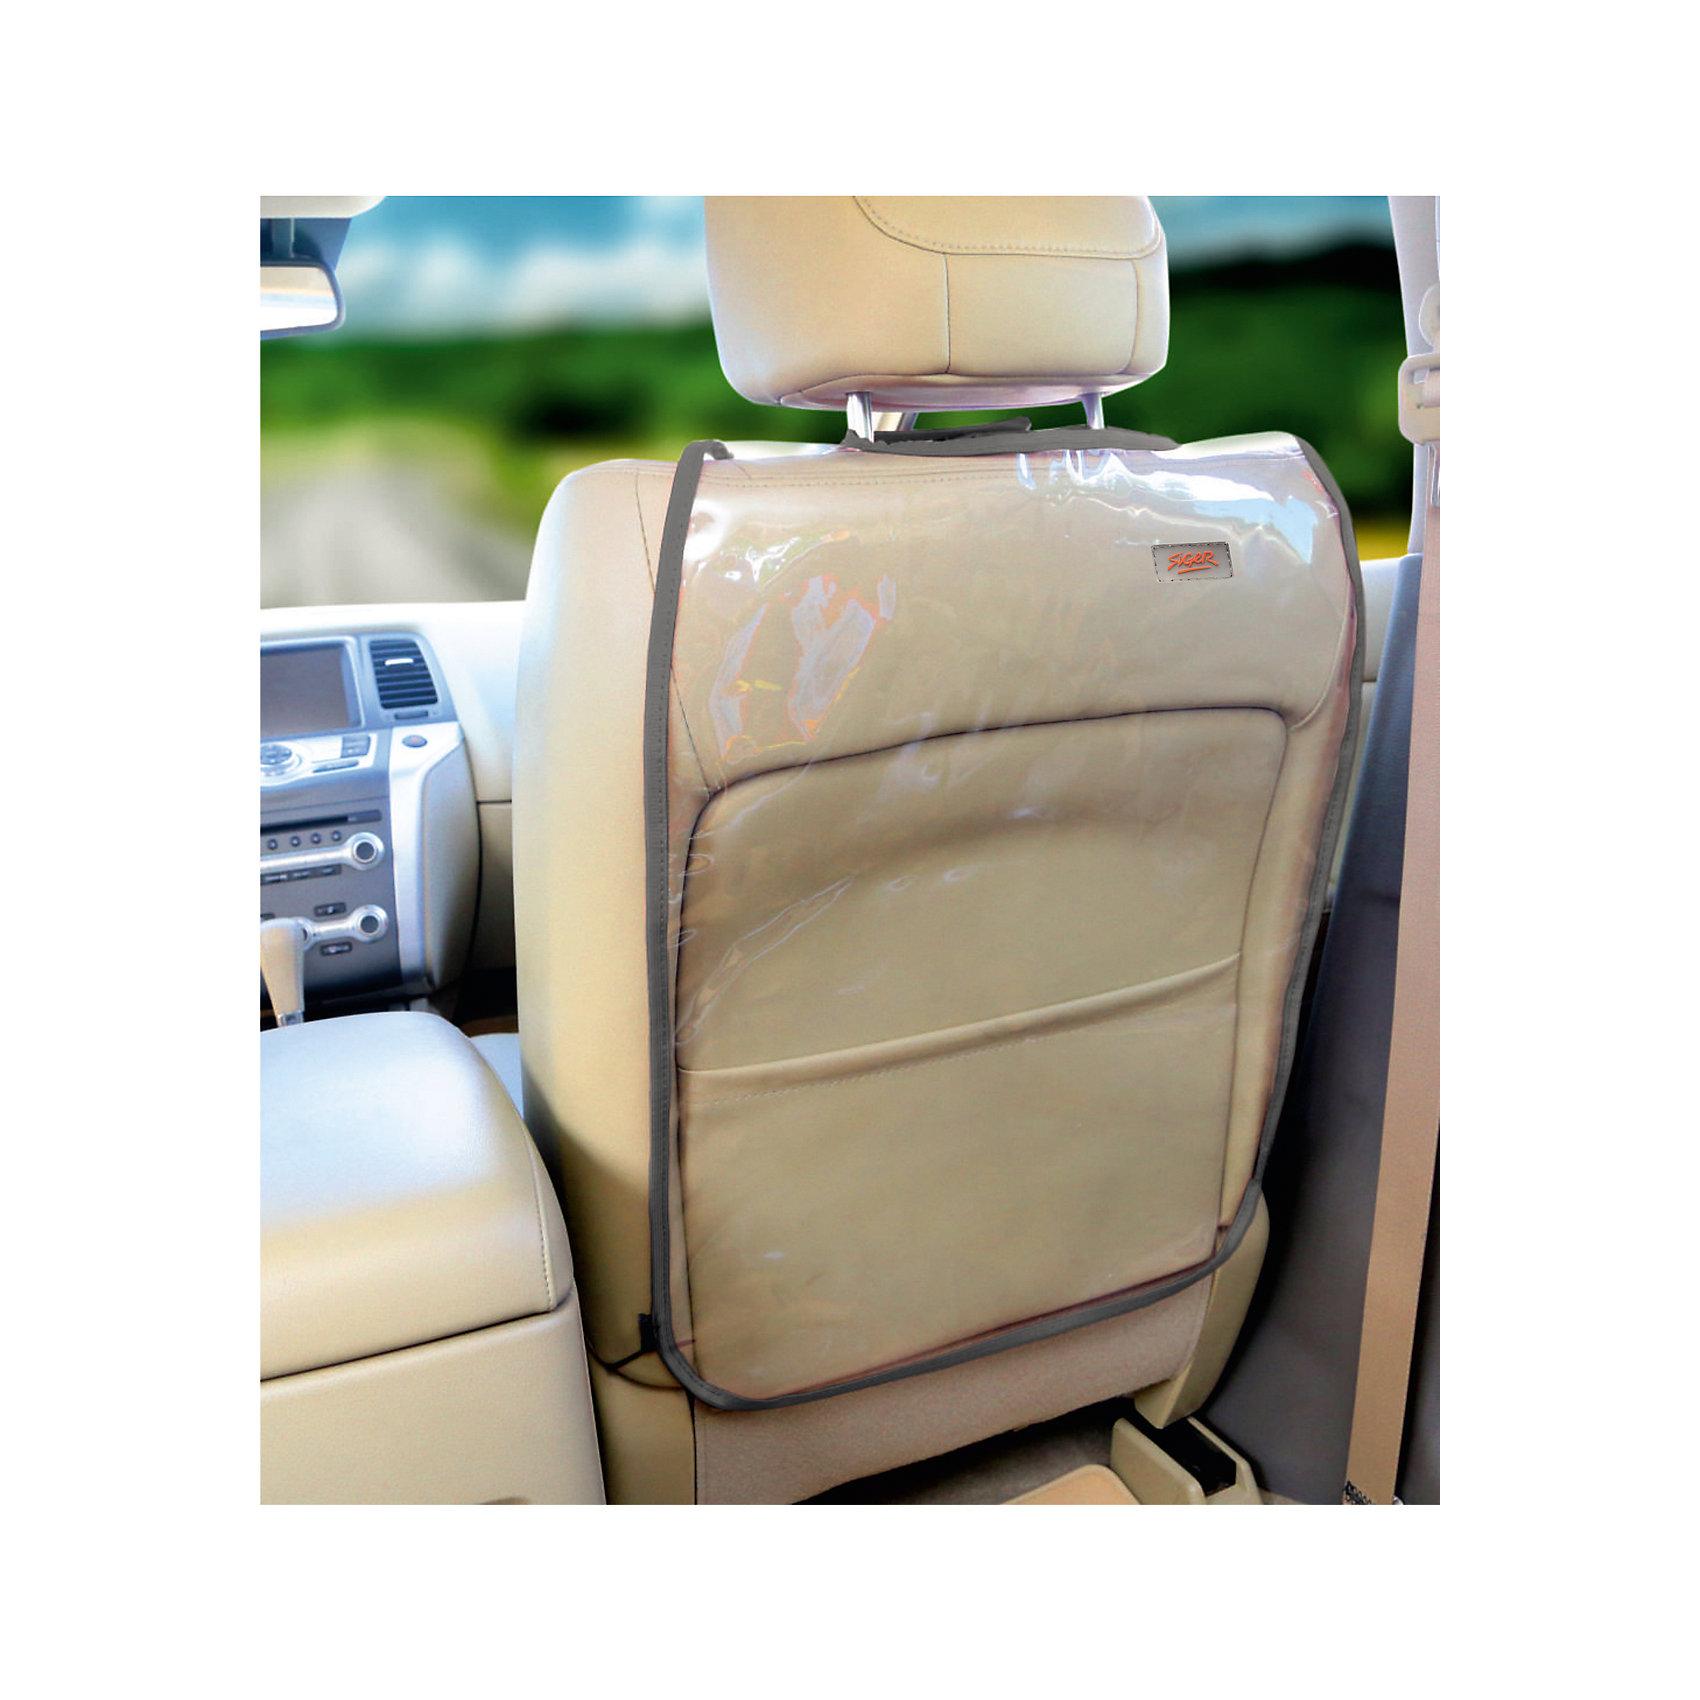 Накидка защитная на спинку сиденья SAFE-3, Siger, прозрачнаяНакидка защитная на спинку сиденья SAFE-3, Siger, прозрачная<br><br>Характеристики:<br><br>- материал: поливинилхлорид<br>- крепления: брезентовые ремни на липучках, эластичный регулируемый шнурок <br>- размер: 60 * 45 см.<br>- размер упаковки: 19 * 3 * 19 см.<br>- вес: 200 гр.<br><br>Практичная защитная накидка на спинку сиденья автомобиля от российского бренда Siger (Сайгер) станет незаменимым аксессуаром в поездке. Непромокаемый материал защищает обивку сиденья от озорных ножек малыша, загрязнений, царапин и прочих неприятностей. Накидку легко закрепить с помощью липучек и надежных ремней. Прозрачный цвет накидки отлично подойдет к любому салону и будет смотреться аккуратно и стильно. Теперь каждая поездка будет отлично организована и лишена стрессов по поводу трудновыводимых загрязнений автомобиля.<br><br>Накидку защитную на спинку сиденья SAFE-3, прозрачную, Siger (Сайгер) можно купить в нашем интернет-магазине.<br><br>Ширина мм: 250<br>Глубина мм: 220<br>Высота мм: 50<br>Вес г: 300<br>Возраст от месяцев: 0<br>Возраст до месяцев: 36<br>Пол: Унисекс<br>Возраст: Детский<br>SKU: 5176652